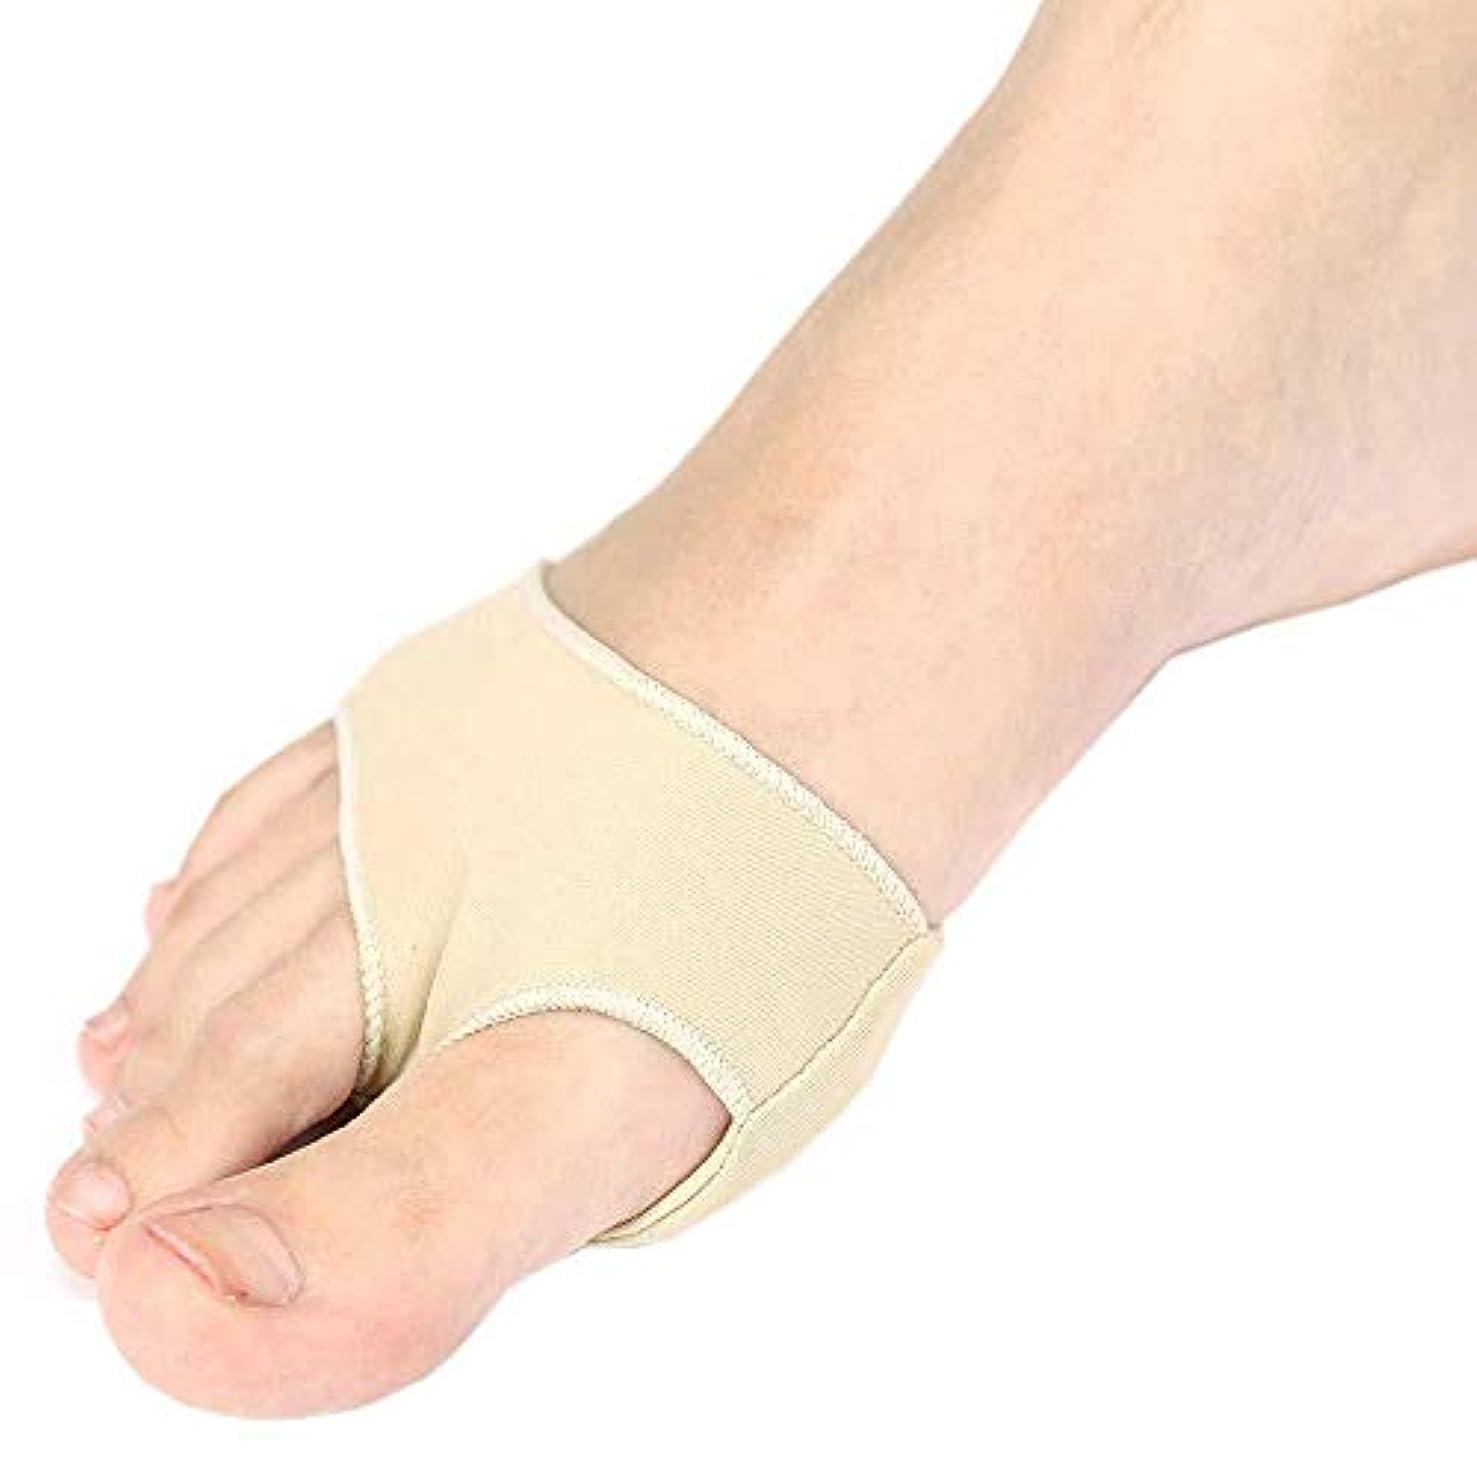 ビバ豚囲いつま先と外反の分離のためのつま先セパレーター、足の親指矯正器、つま先矯正器、装具つま先セパレーター,L